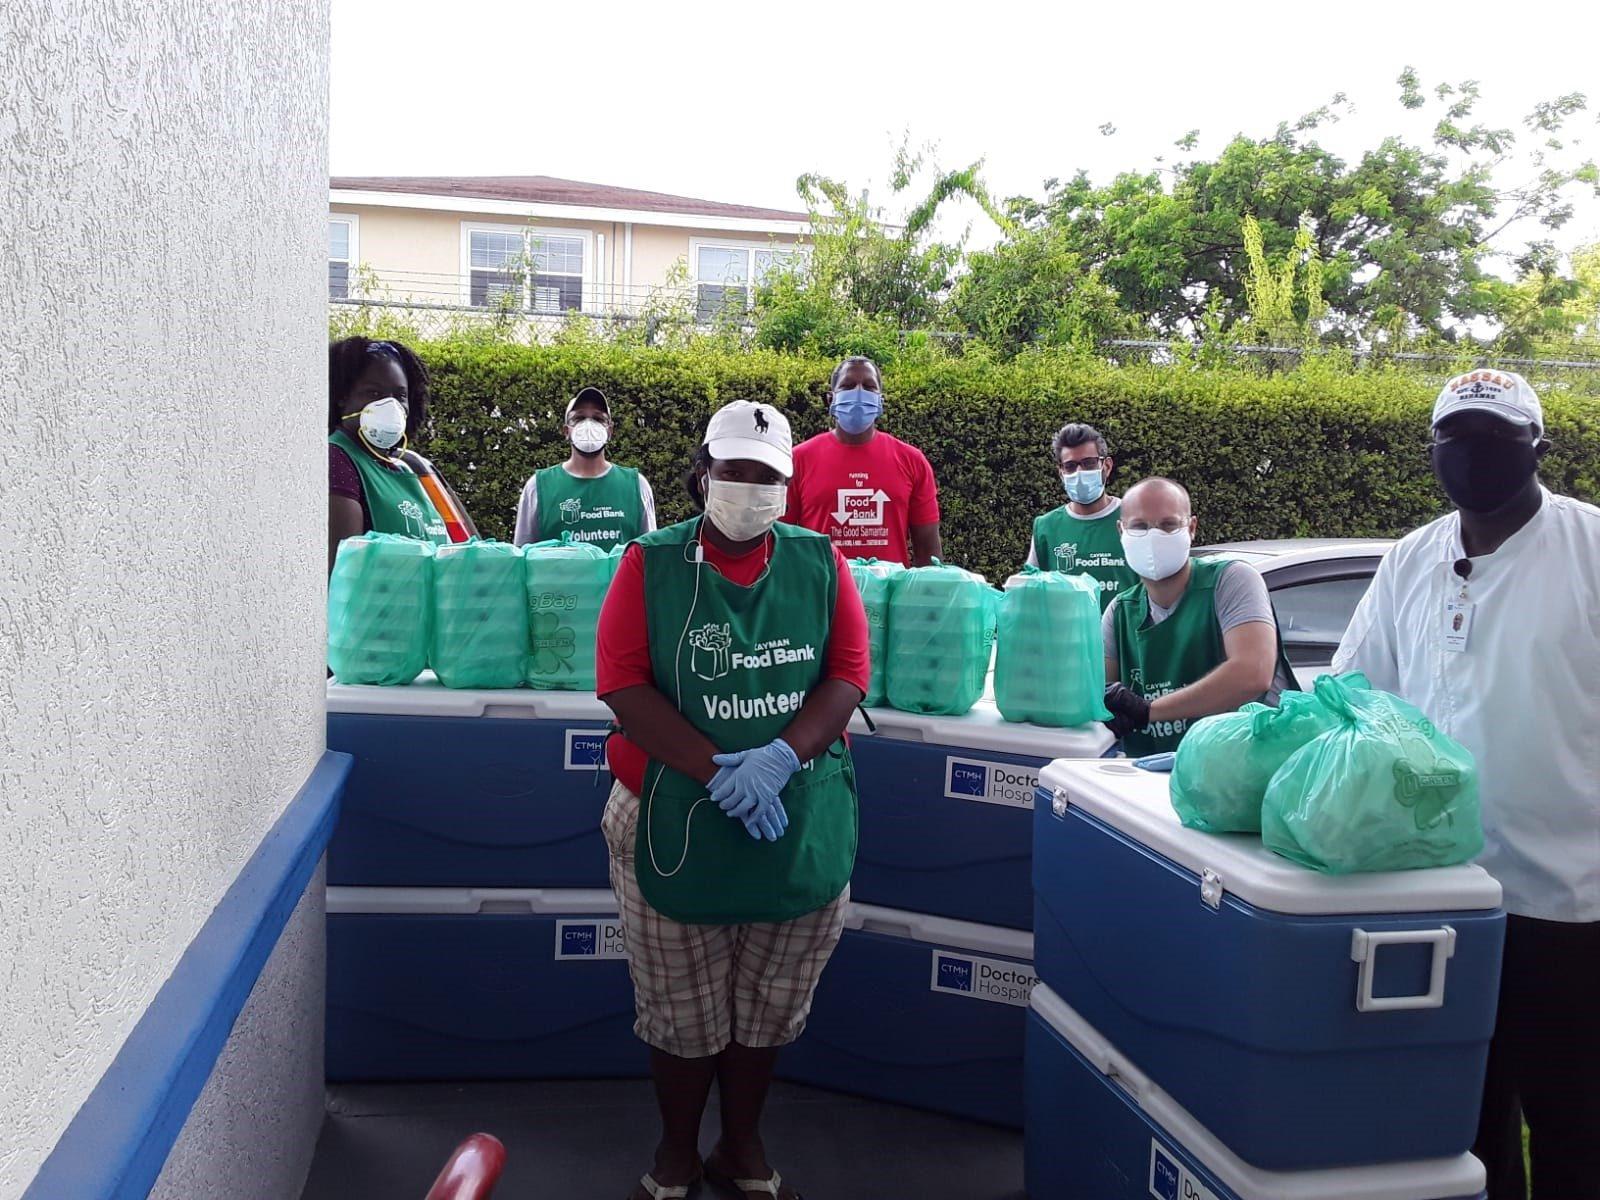 cayman-food-bank-volunteers-2-9051922